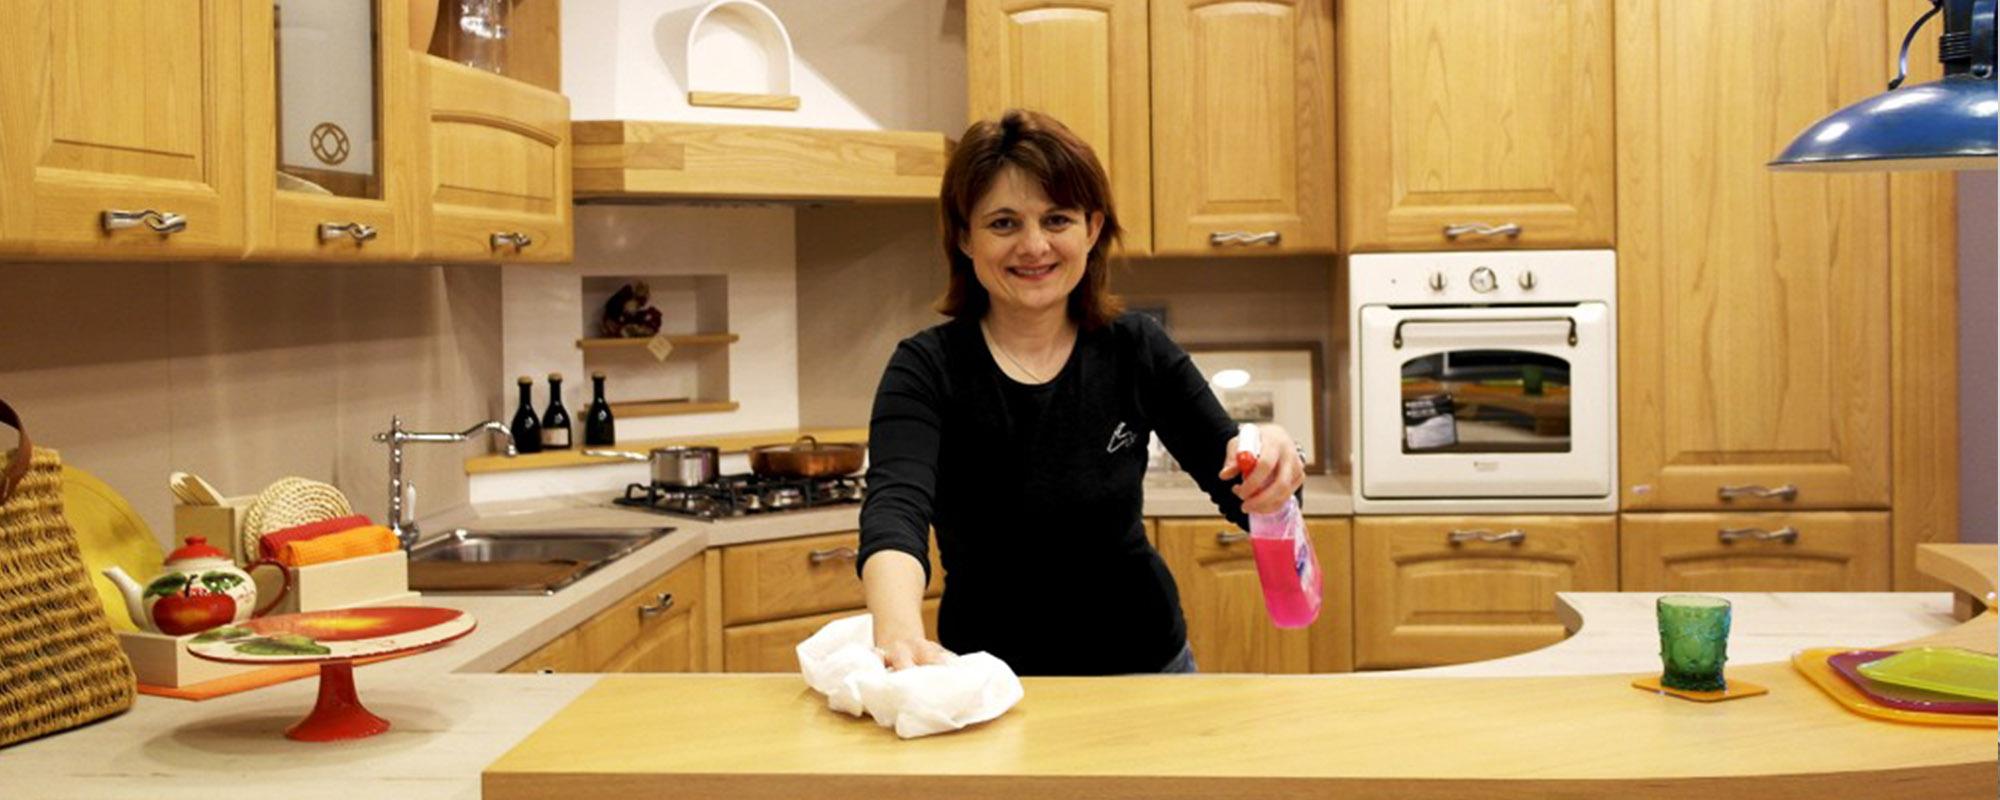 Come Pulire Cucine In Legno Mobili Ante E Pensili Senza Rovinarli